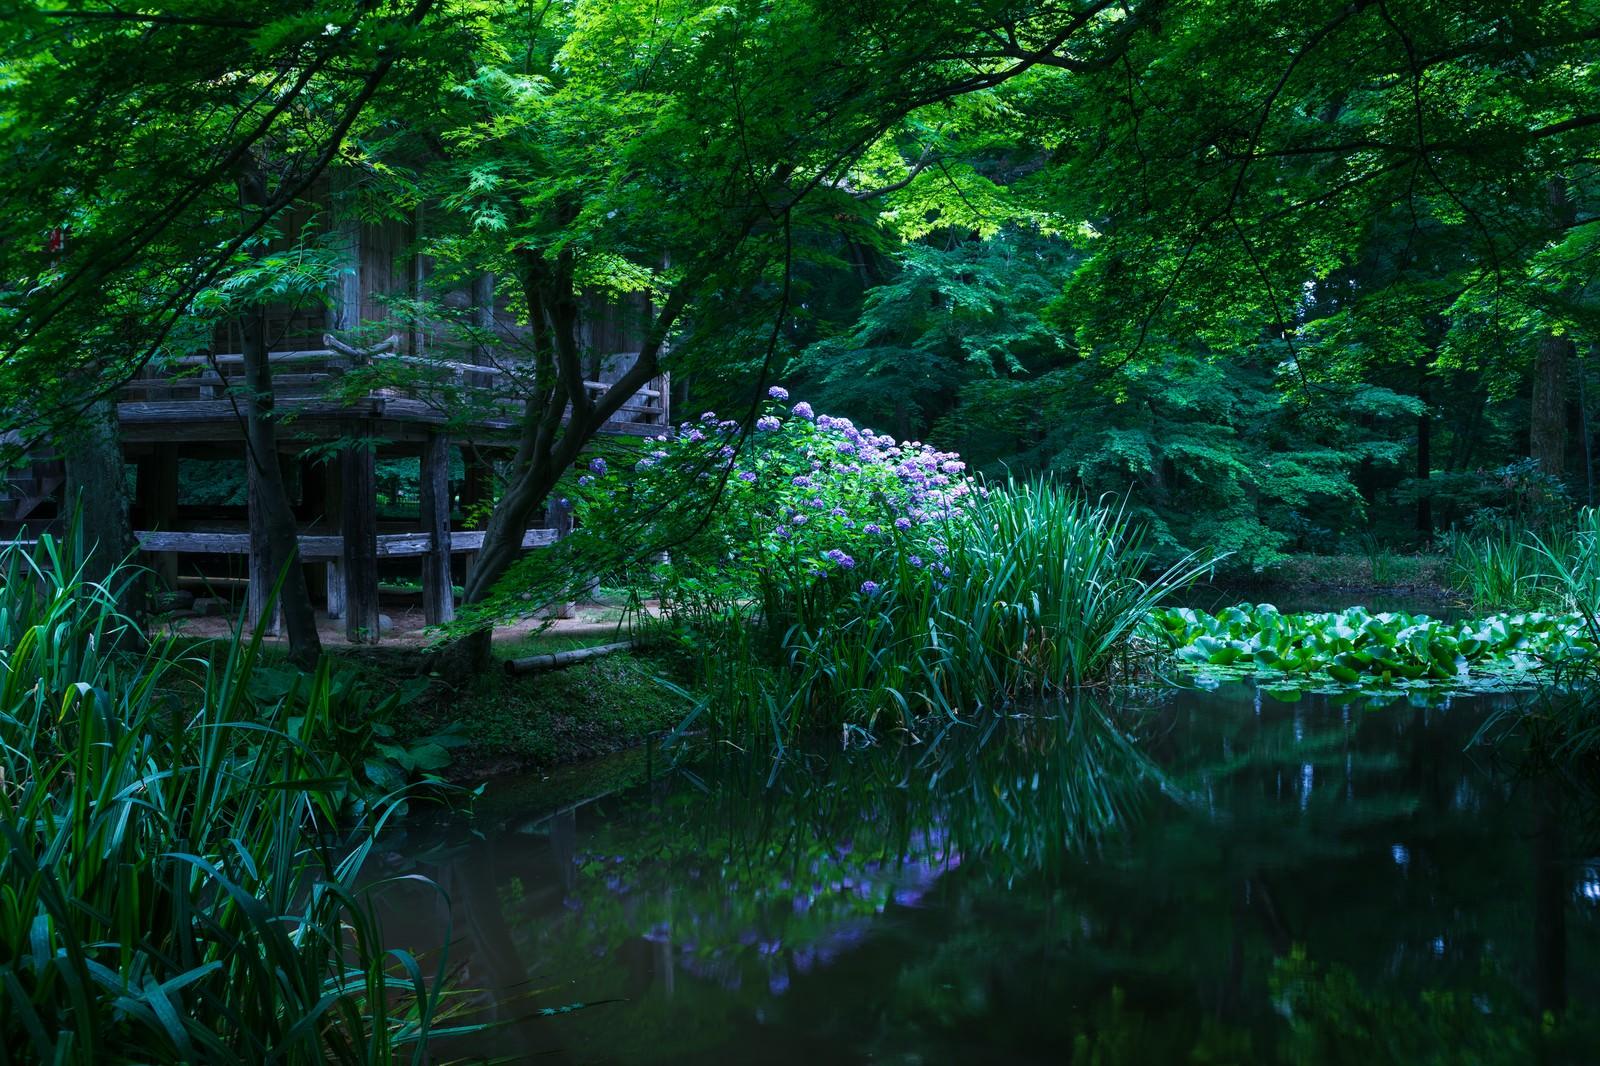 「水鏡に映る中尊寺弁財天堂」の写真